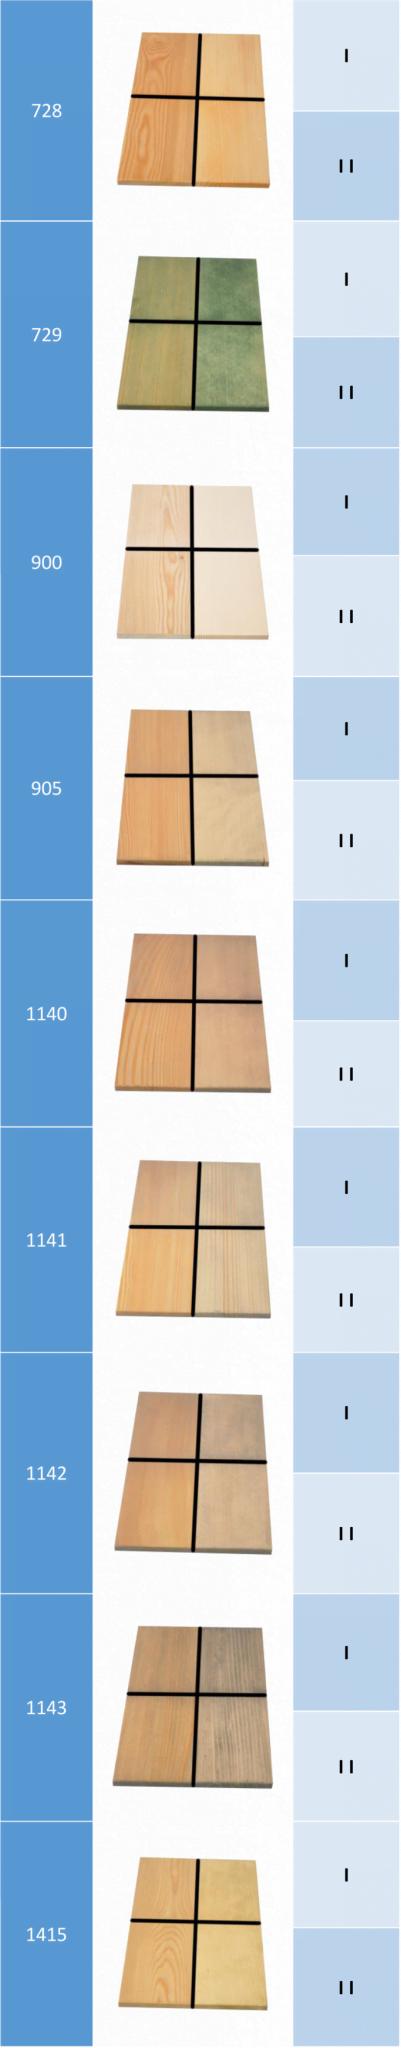 Barvna karta oljenje lesenih izdelkov 3